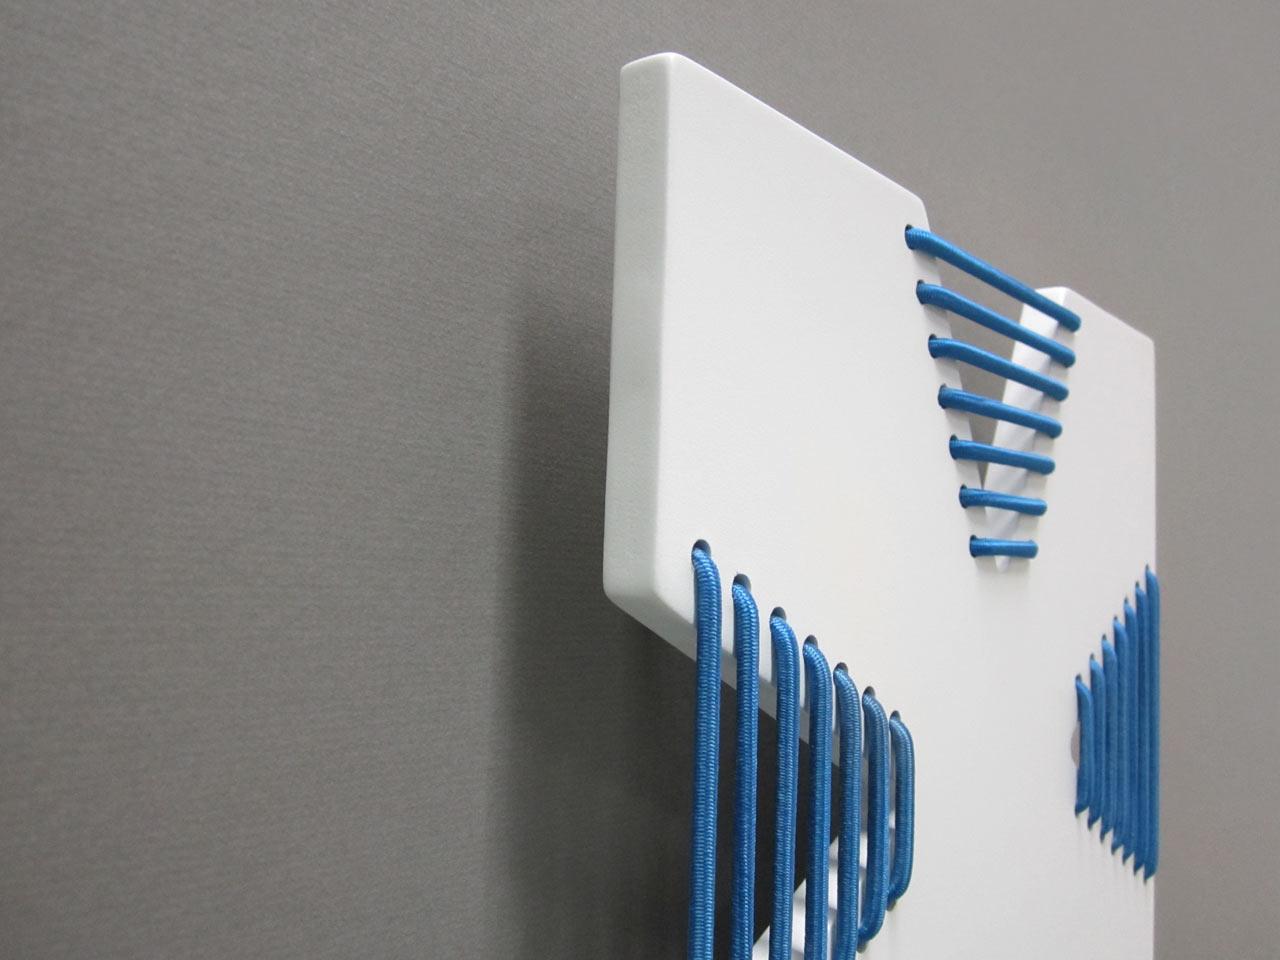 Corset-Wall-Tiles-Arbutus-Denman-5